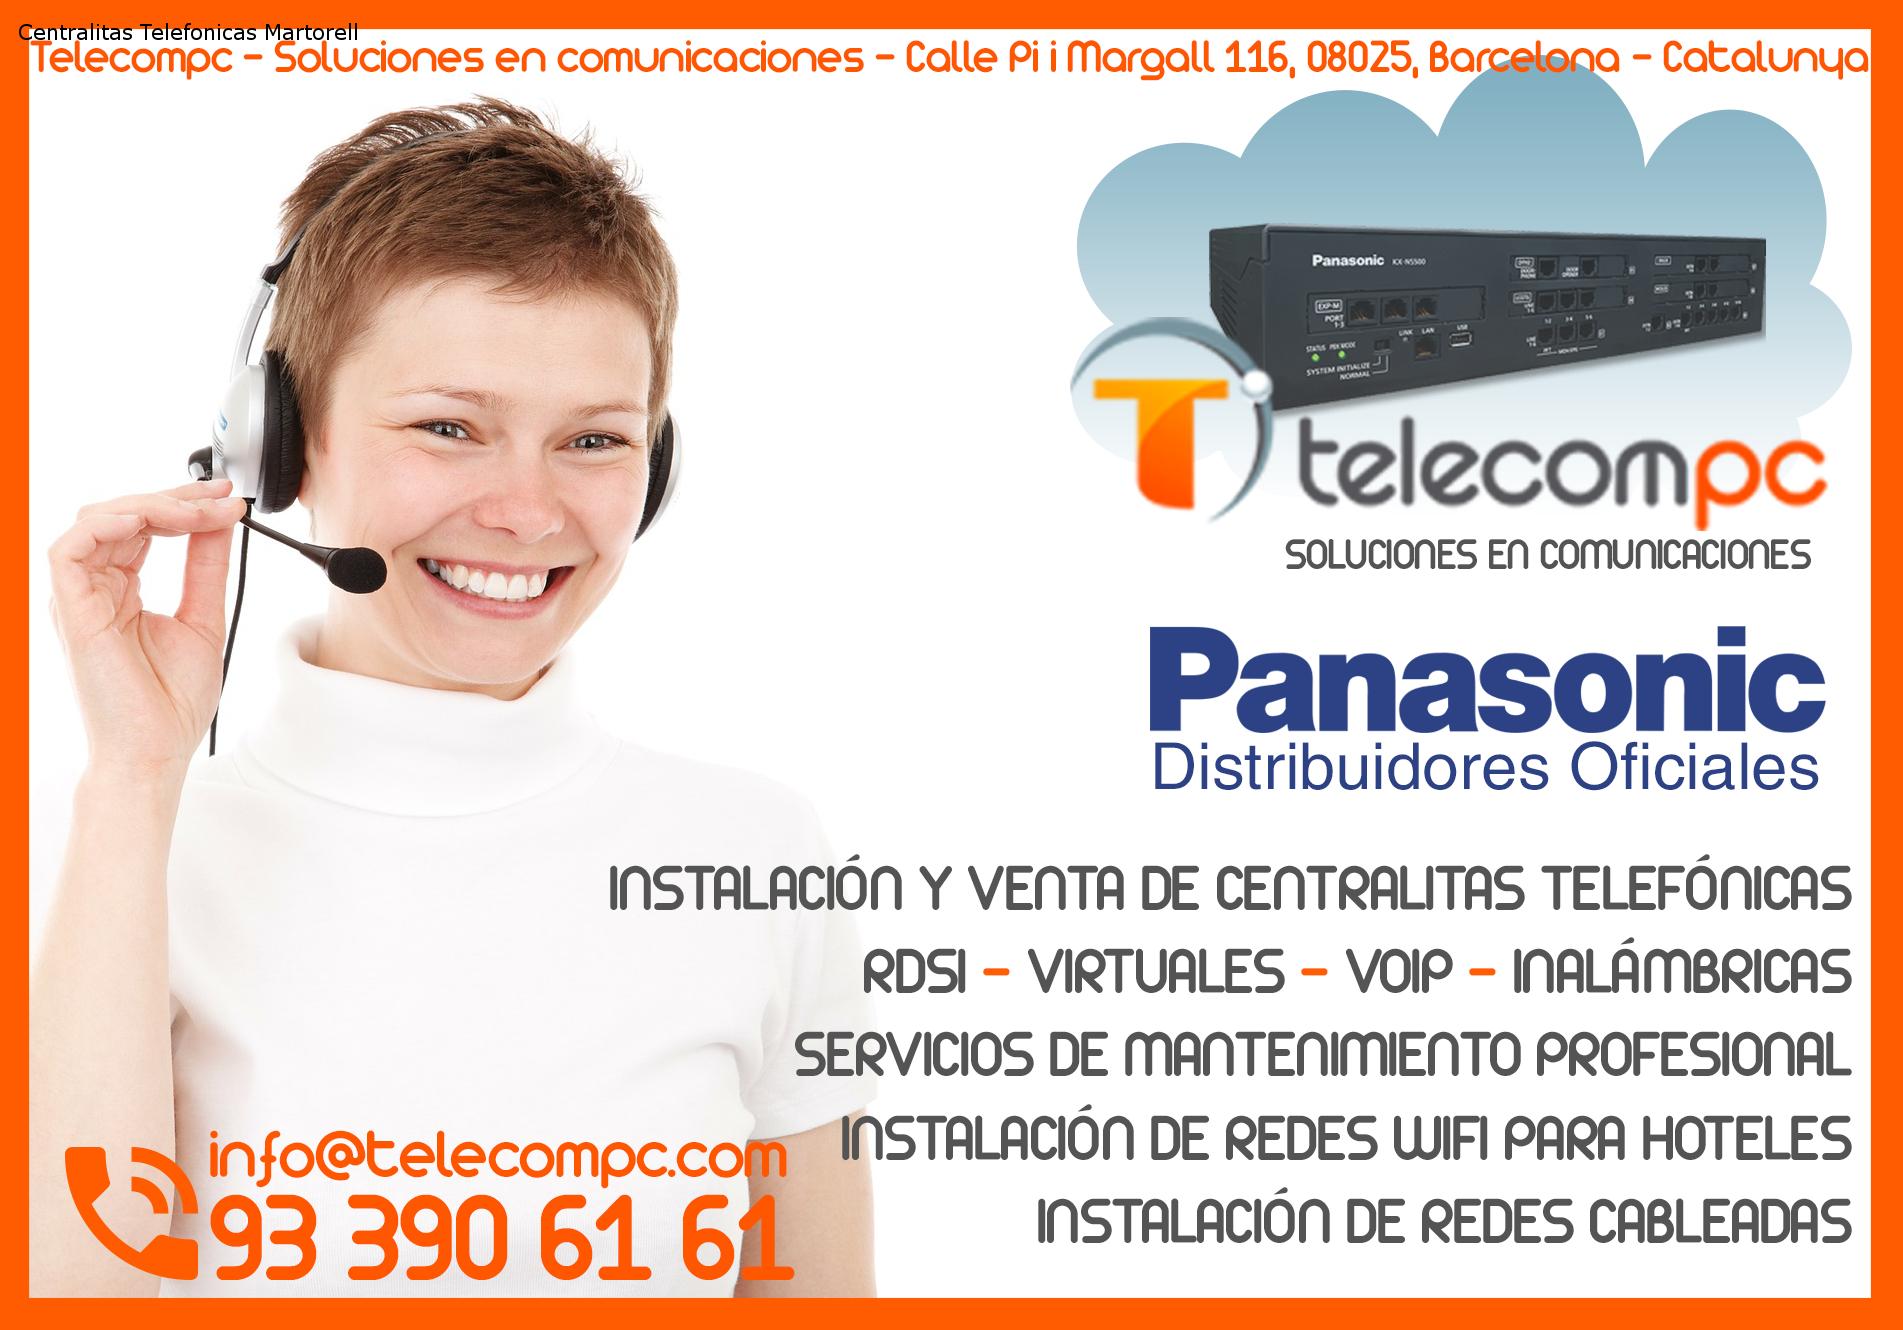 Centralitas Telefonicas Martorell